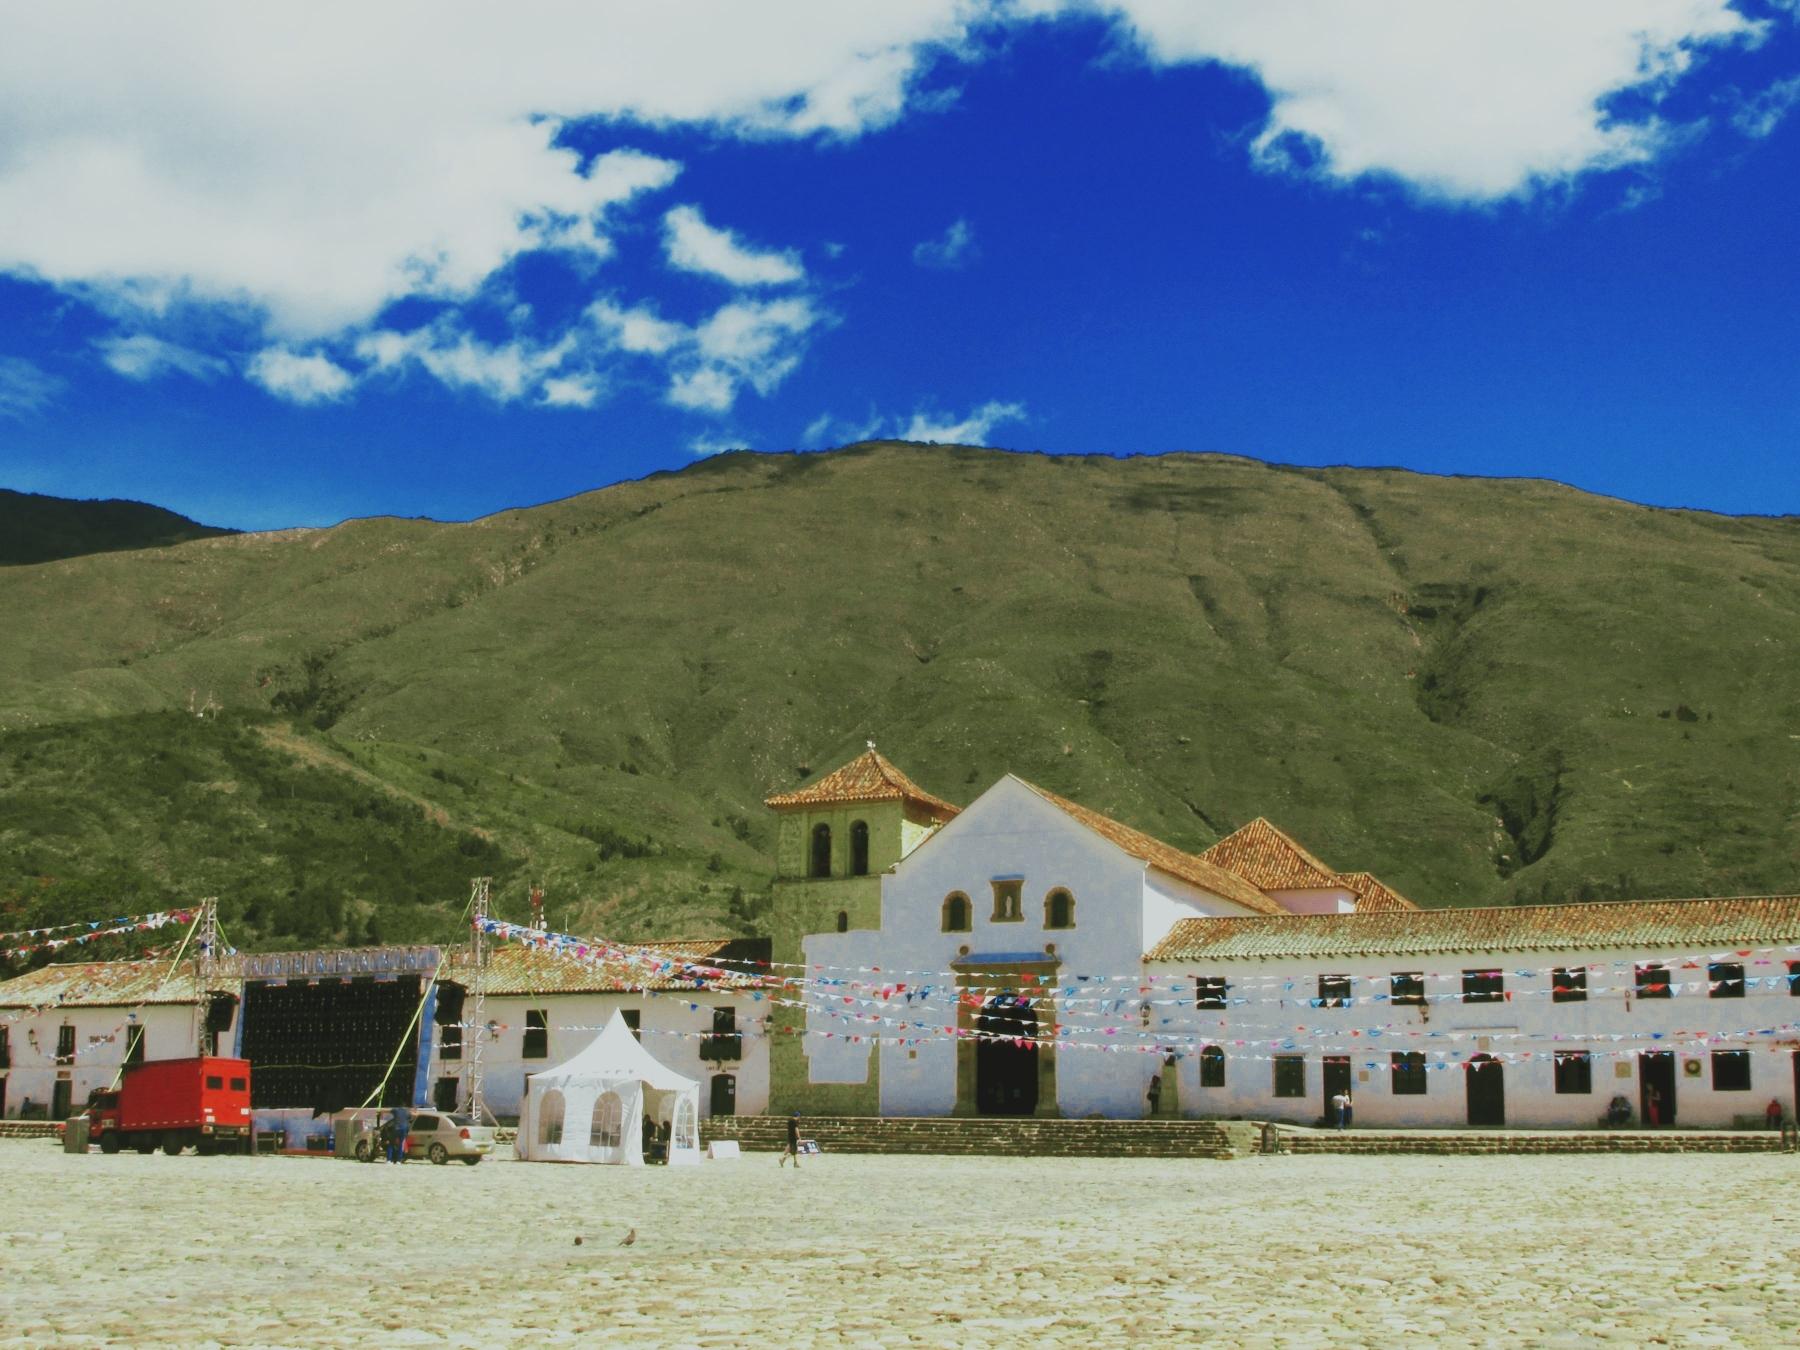 Villa de Leyva y los atractivos turísticos que enamoran a los visitantes - La FM